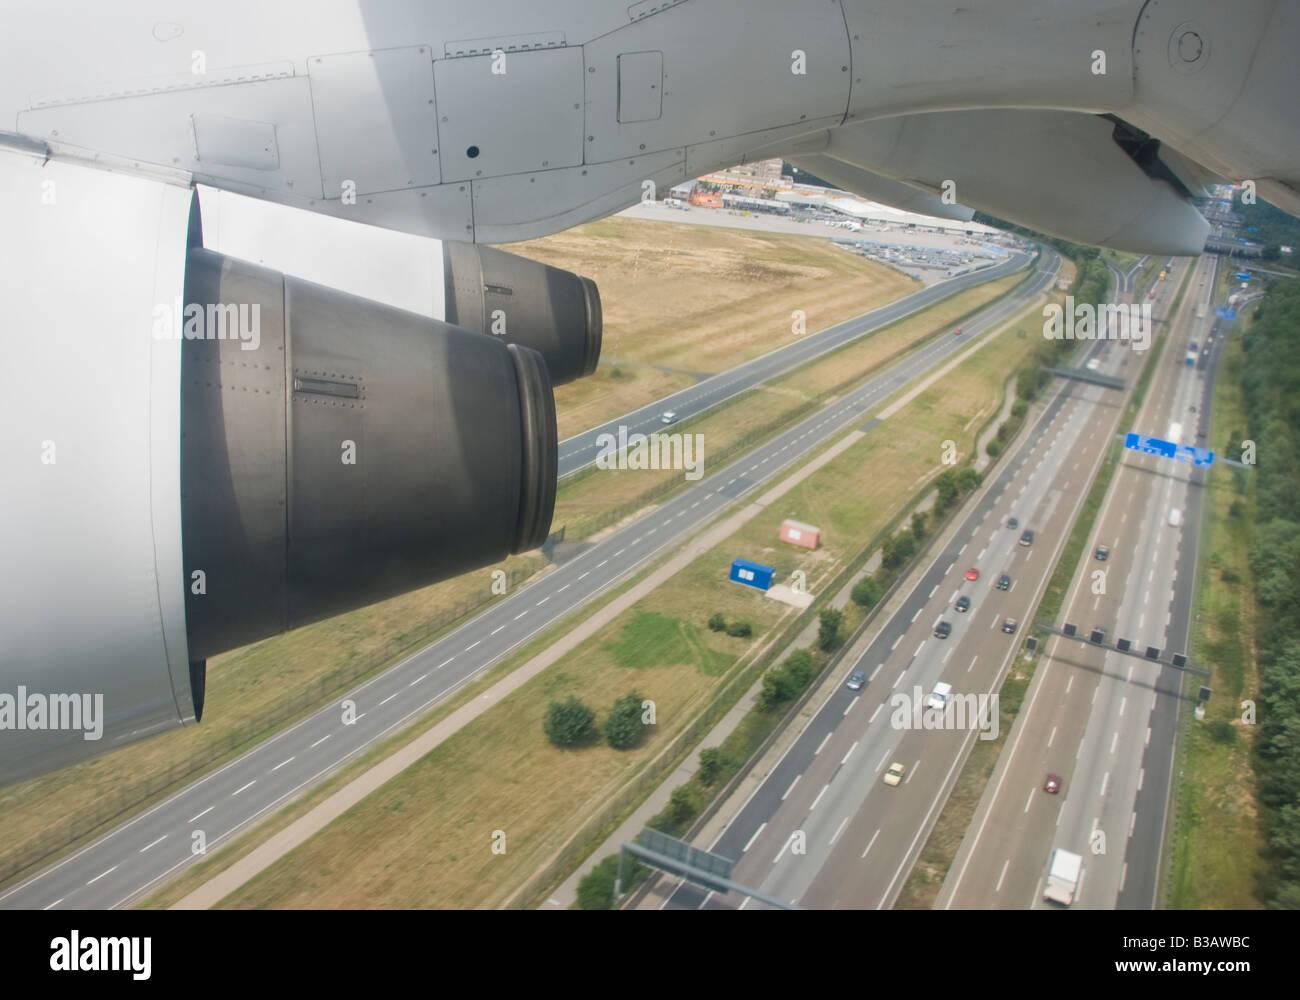 Un avion volant au-dessus d'une autoroute Photo Stock